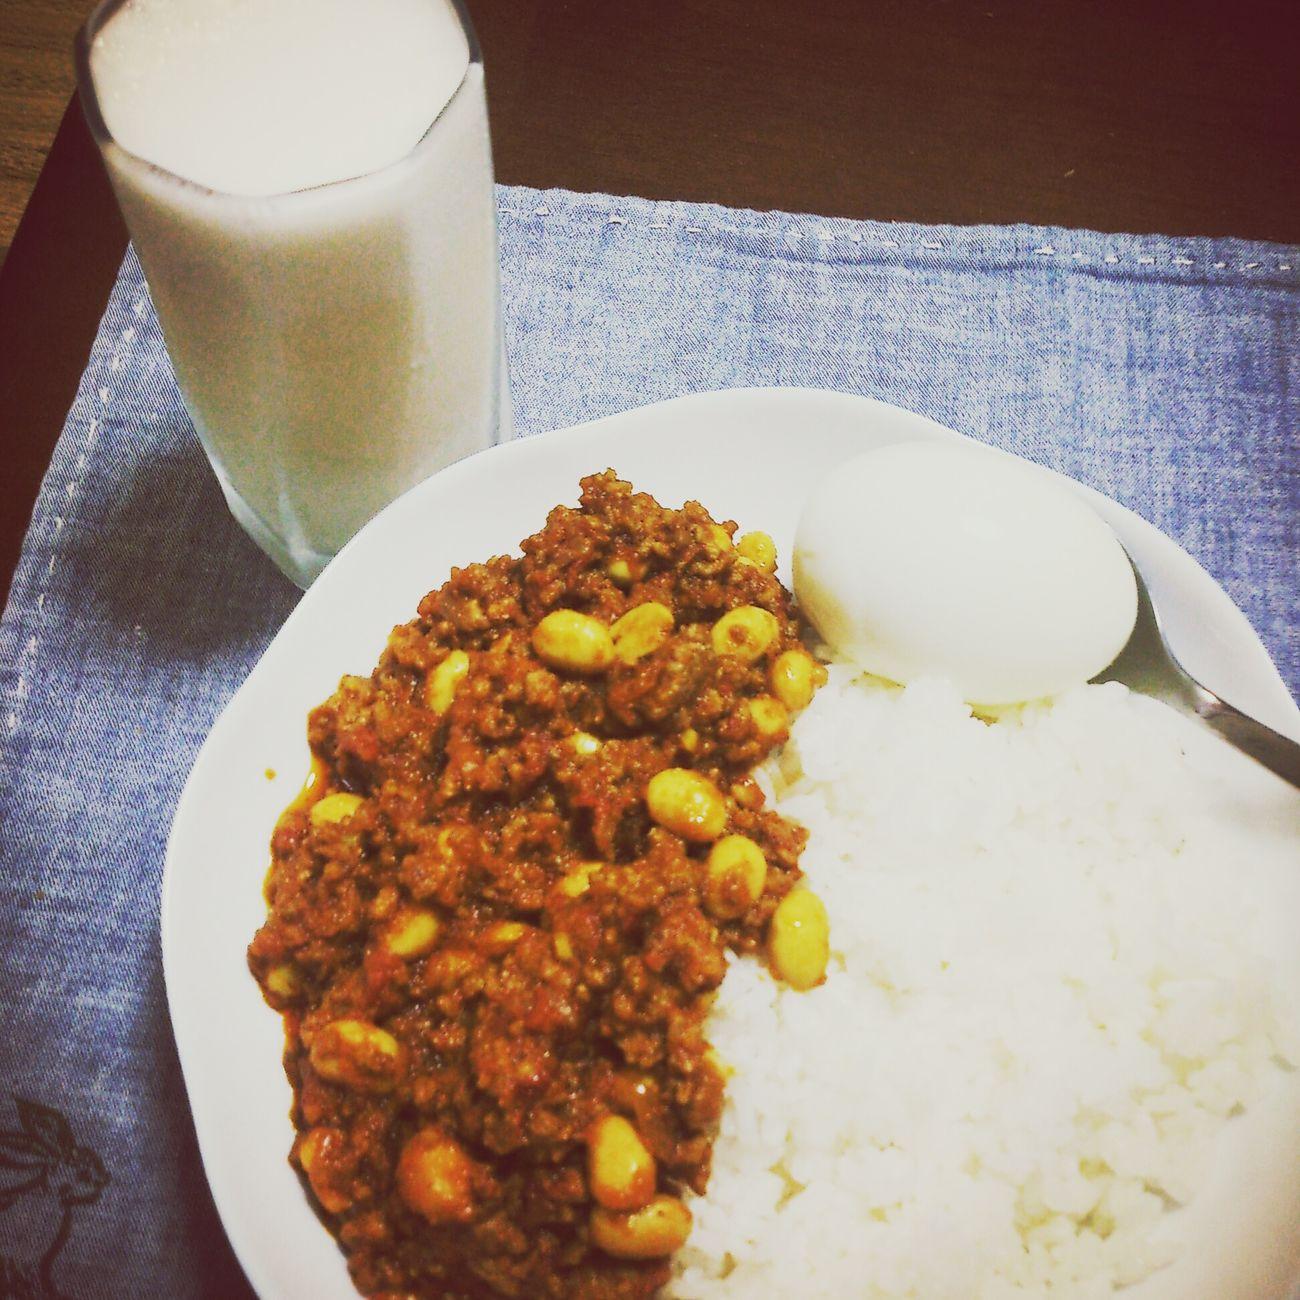 たっぷりスパイスで疲れも吹き飛ばせー!! Curry Enjoying Life Enjoying A Meal Spice カレー スパイスいっぱいカレー ラッシー 挽肉のカレー キーマカレー